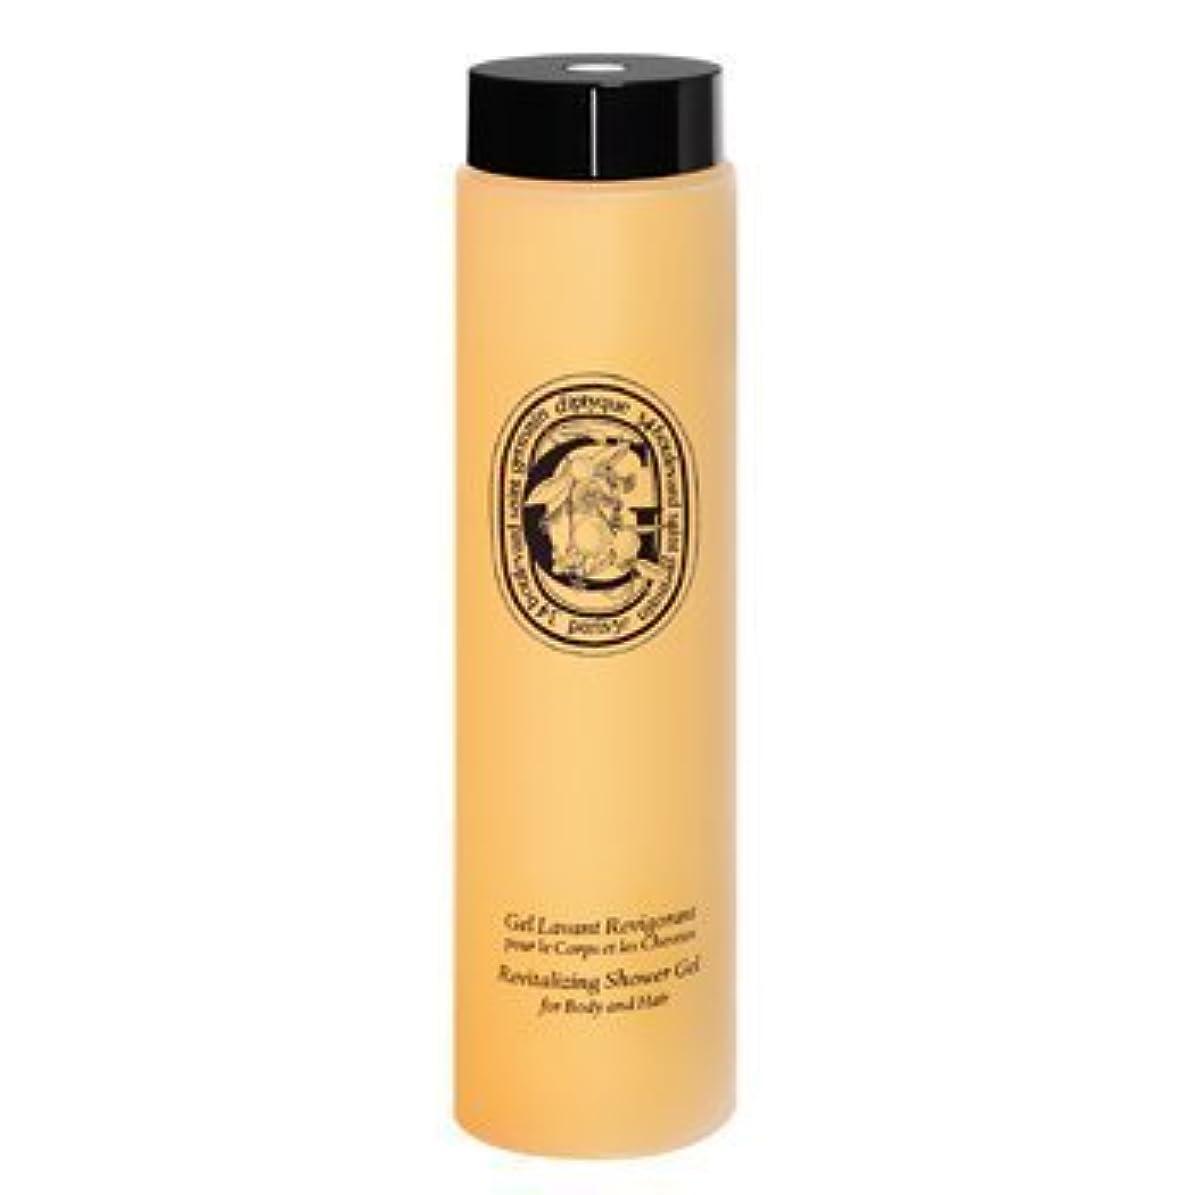 食事フクロウ弾力性のあるDiptyque The Art of Body Care Revitalizing Shower Gel Hair & Body-6.8 oz by Diptyque [並行輸入品]